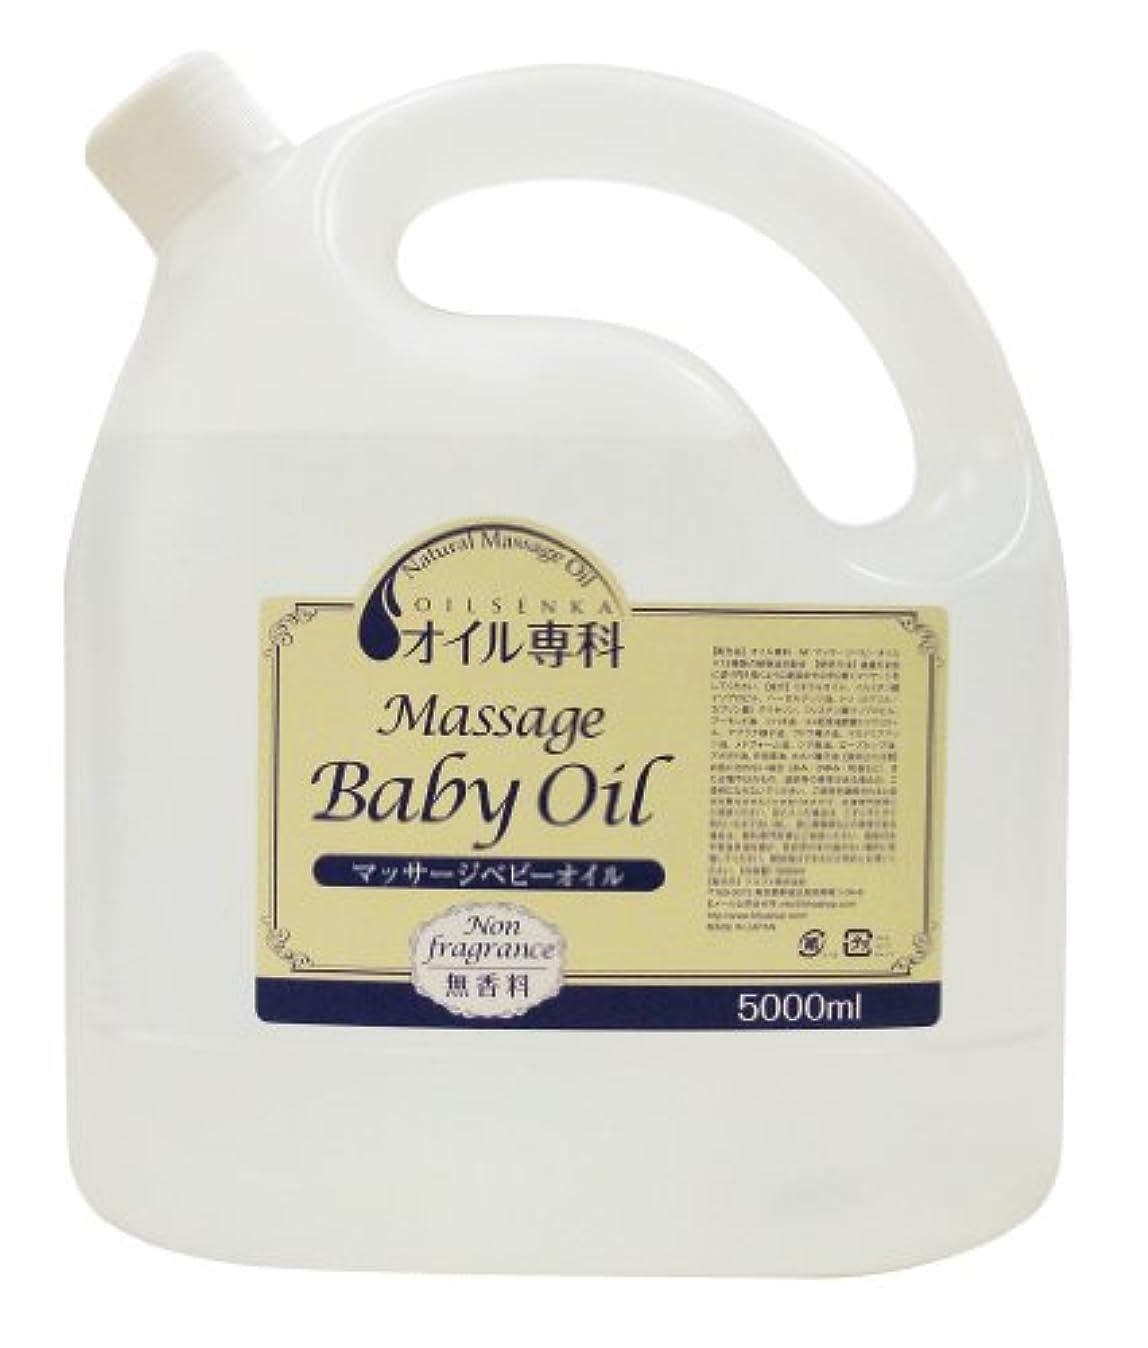 挑発する共役本当のことを言うと【業務用ベースオイル(無香料)】13種類植物油配合<オイル専科>マッサージベビーオイル5L(5000ml)